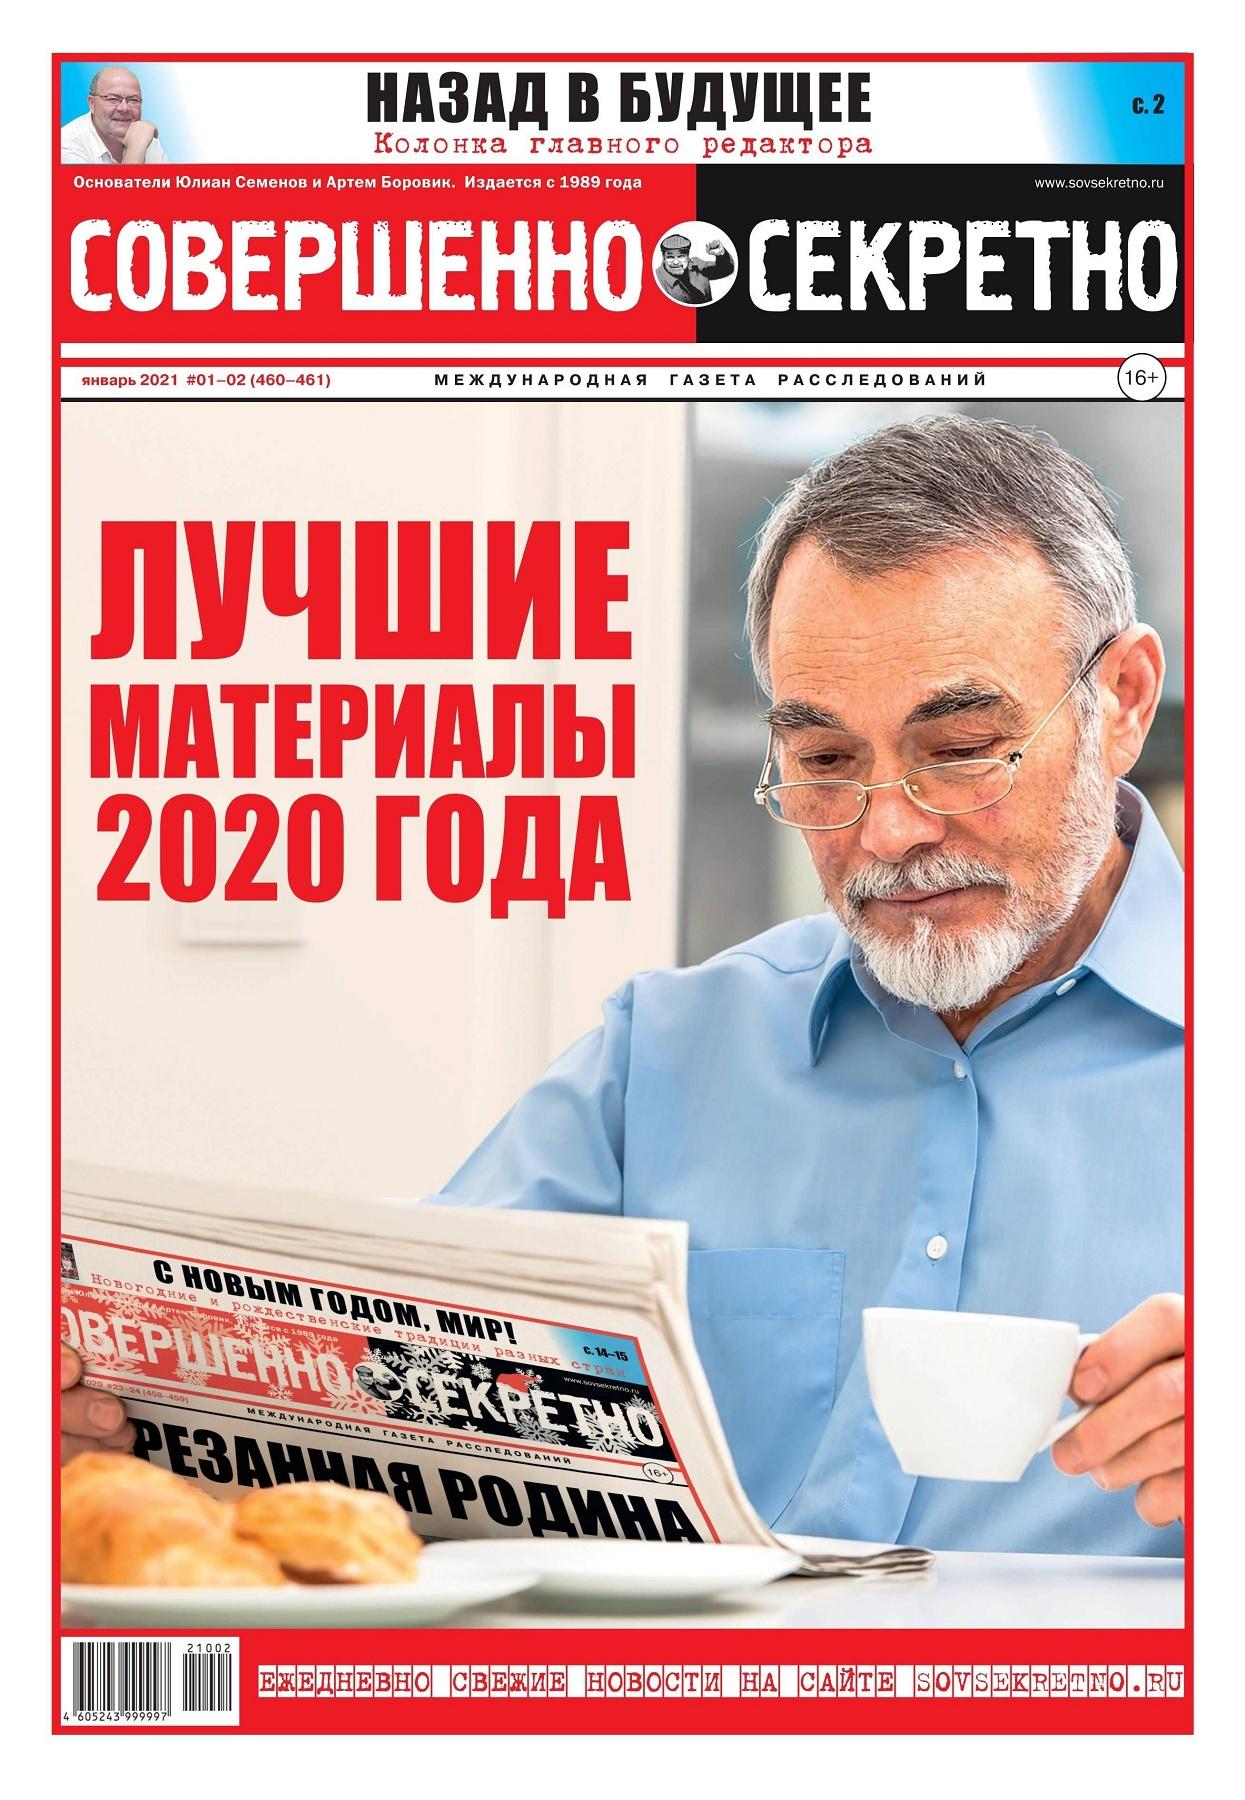 Совершенно секретно №1-2, январь 2021